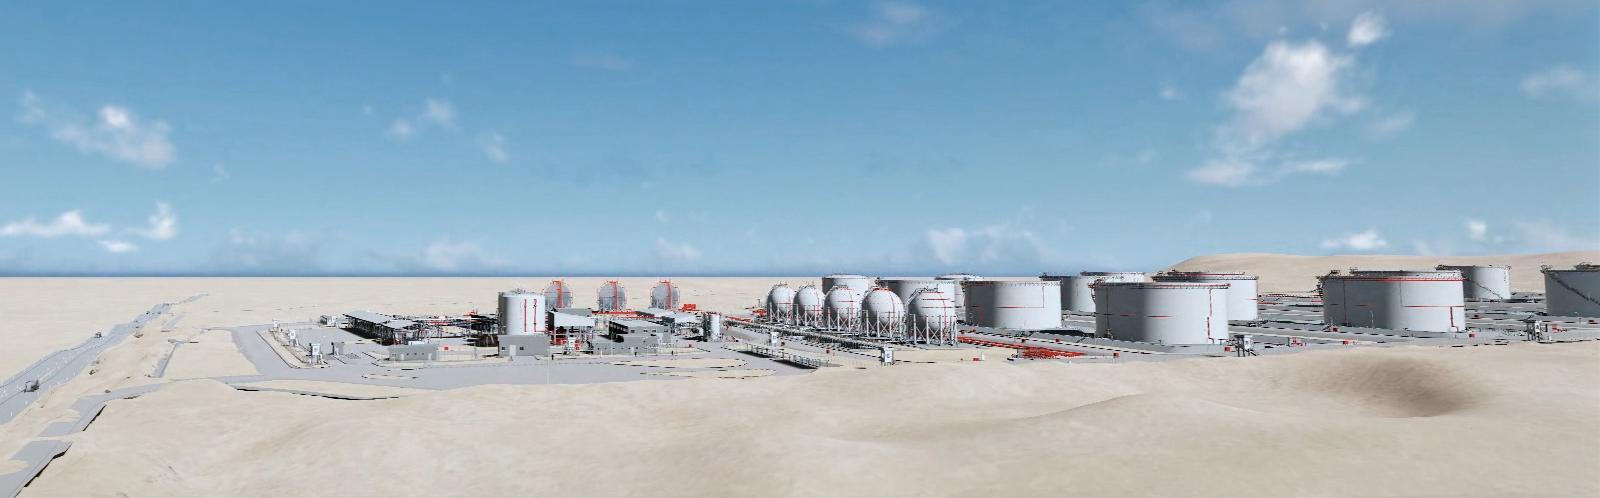 parque de almacenamiento de hidrocarburos